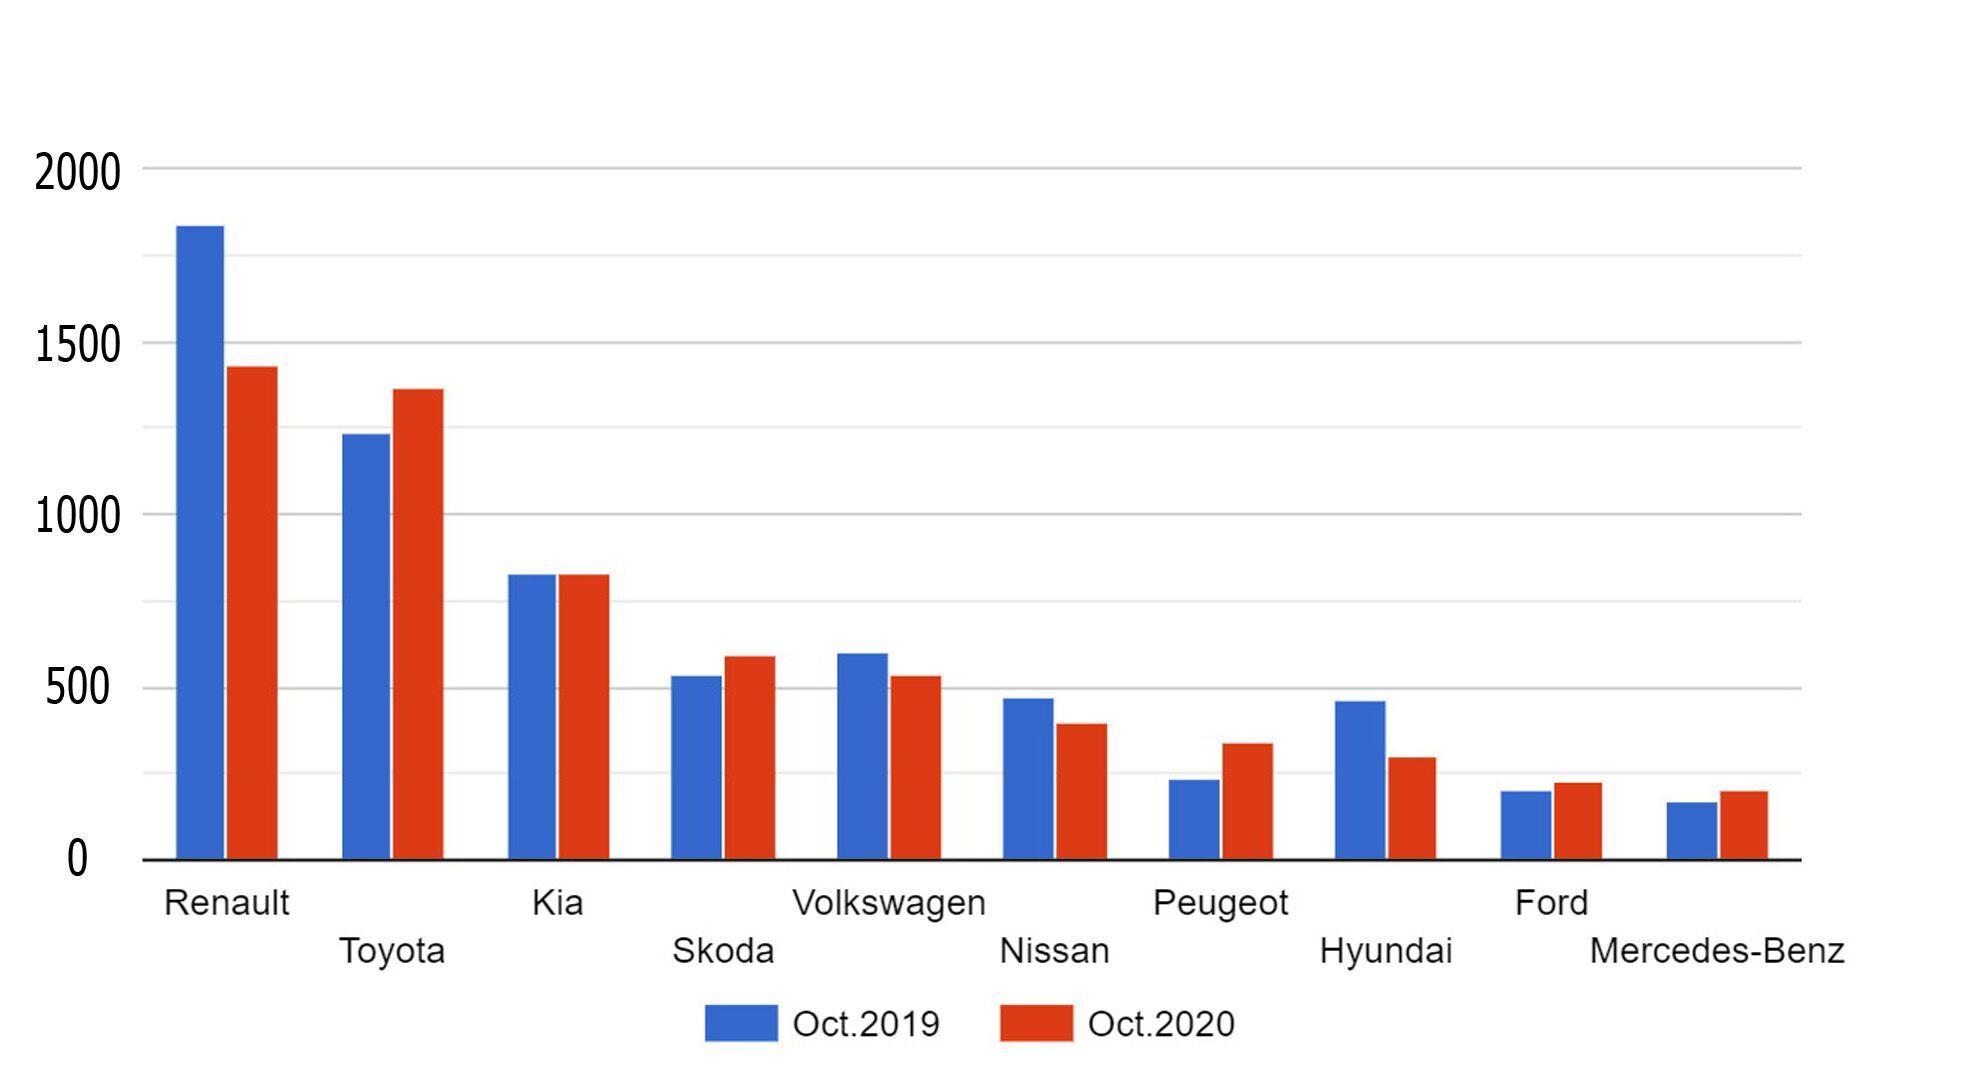 Підсумки продажів Топ 10 брендів на українському ринку в жовтні 2019/2020